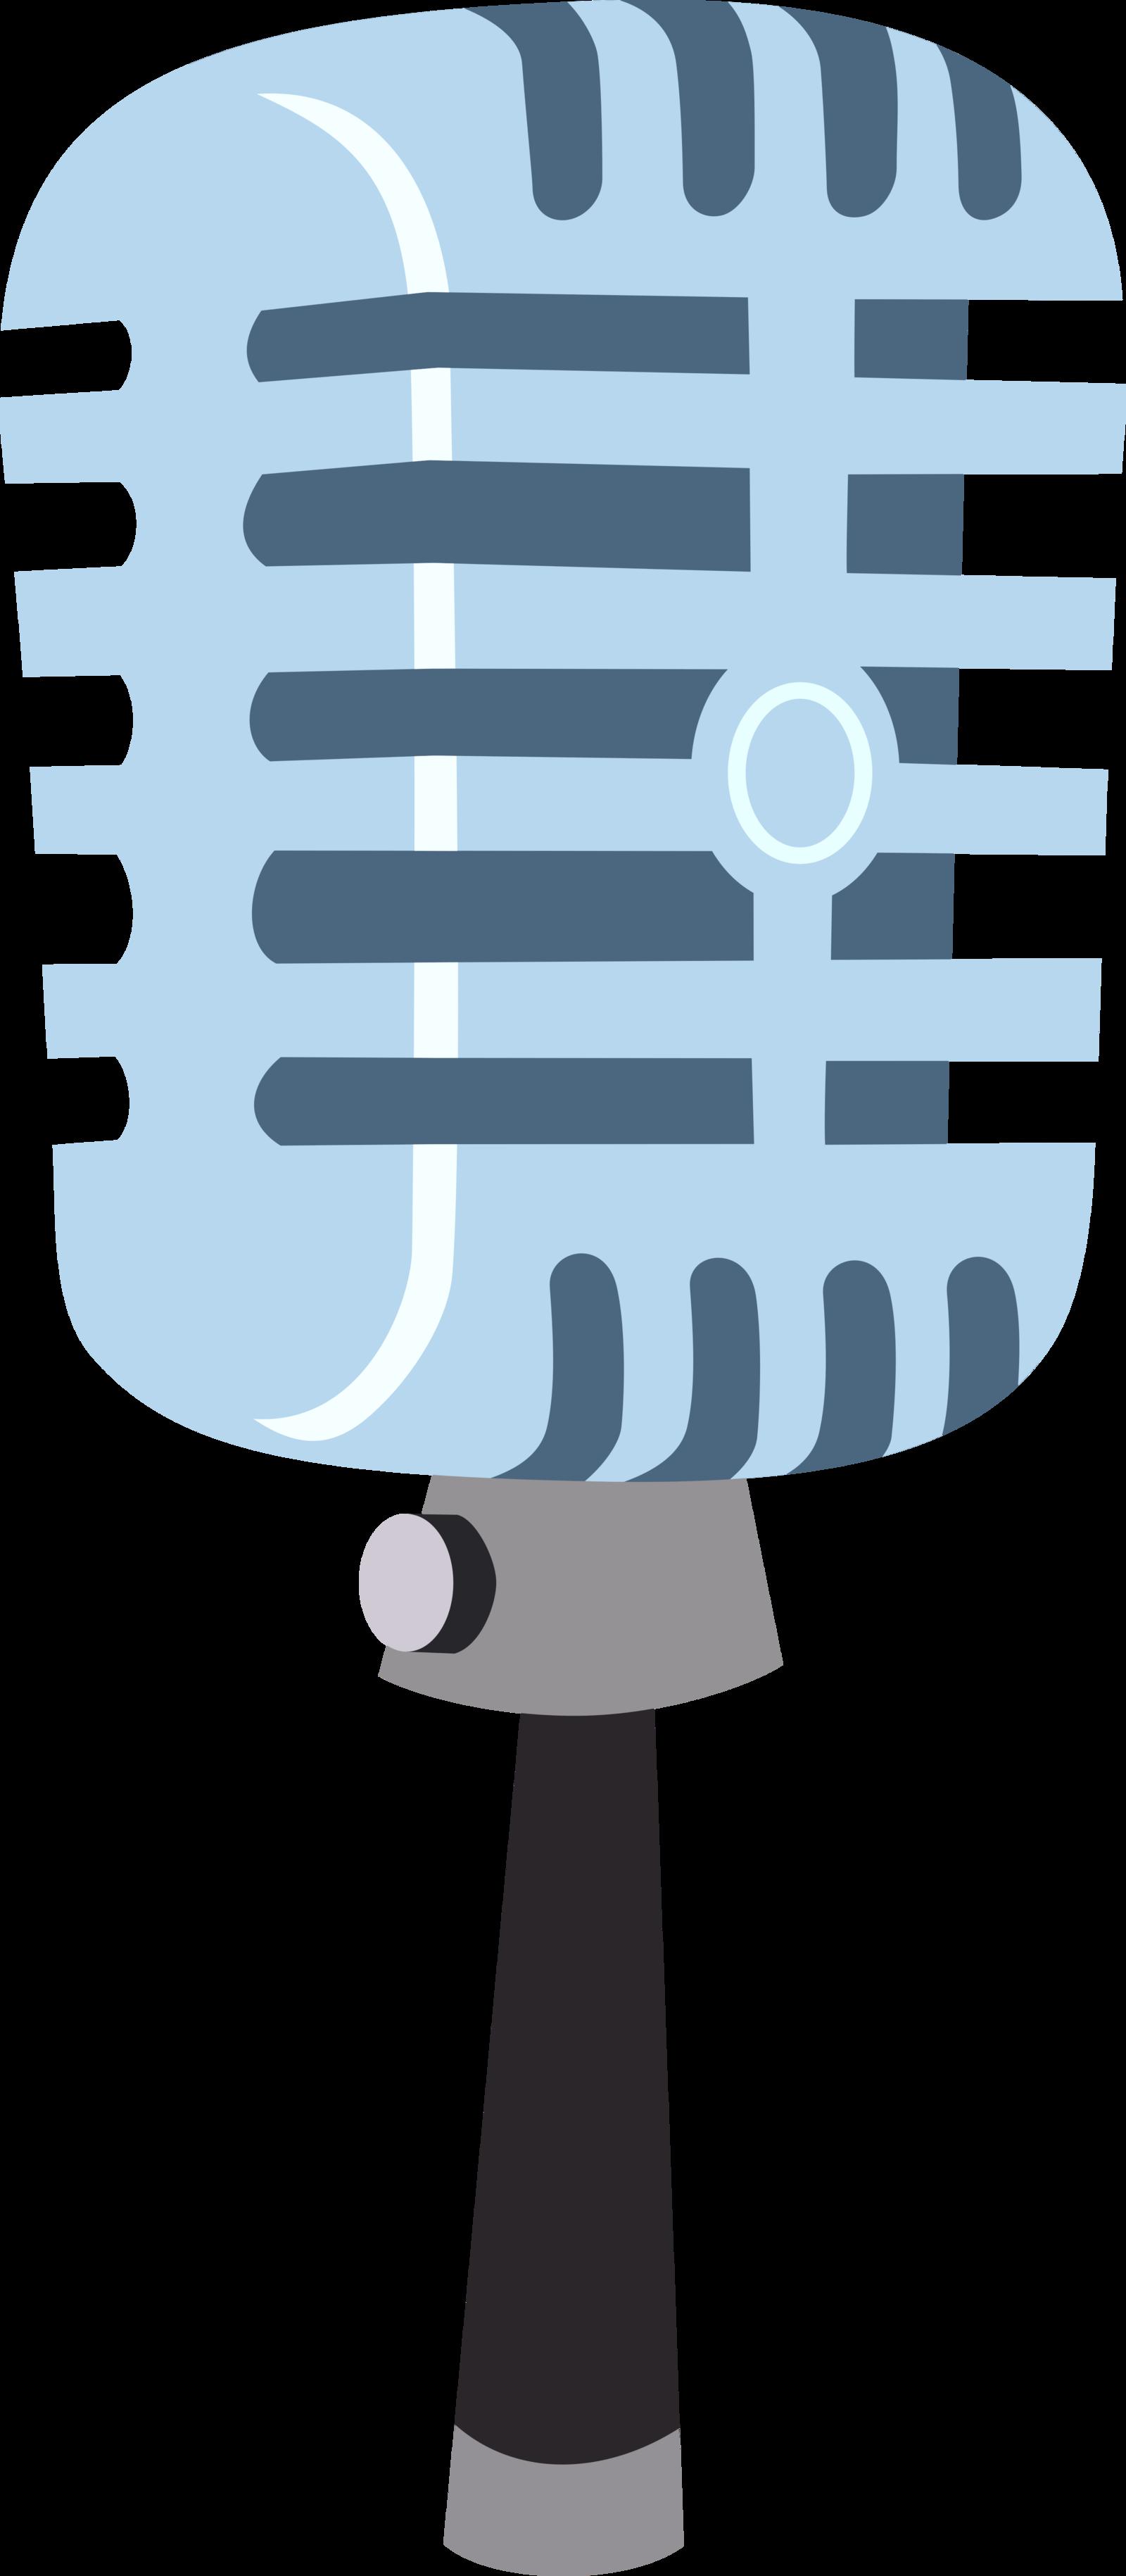 By millennialdan on deviantart. Microphone vector png